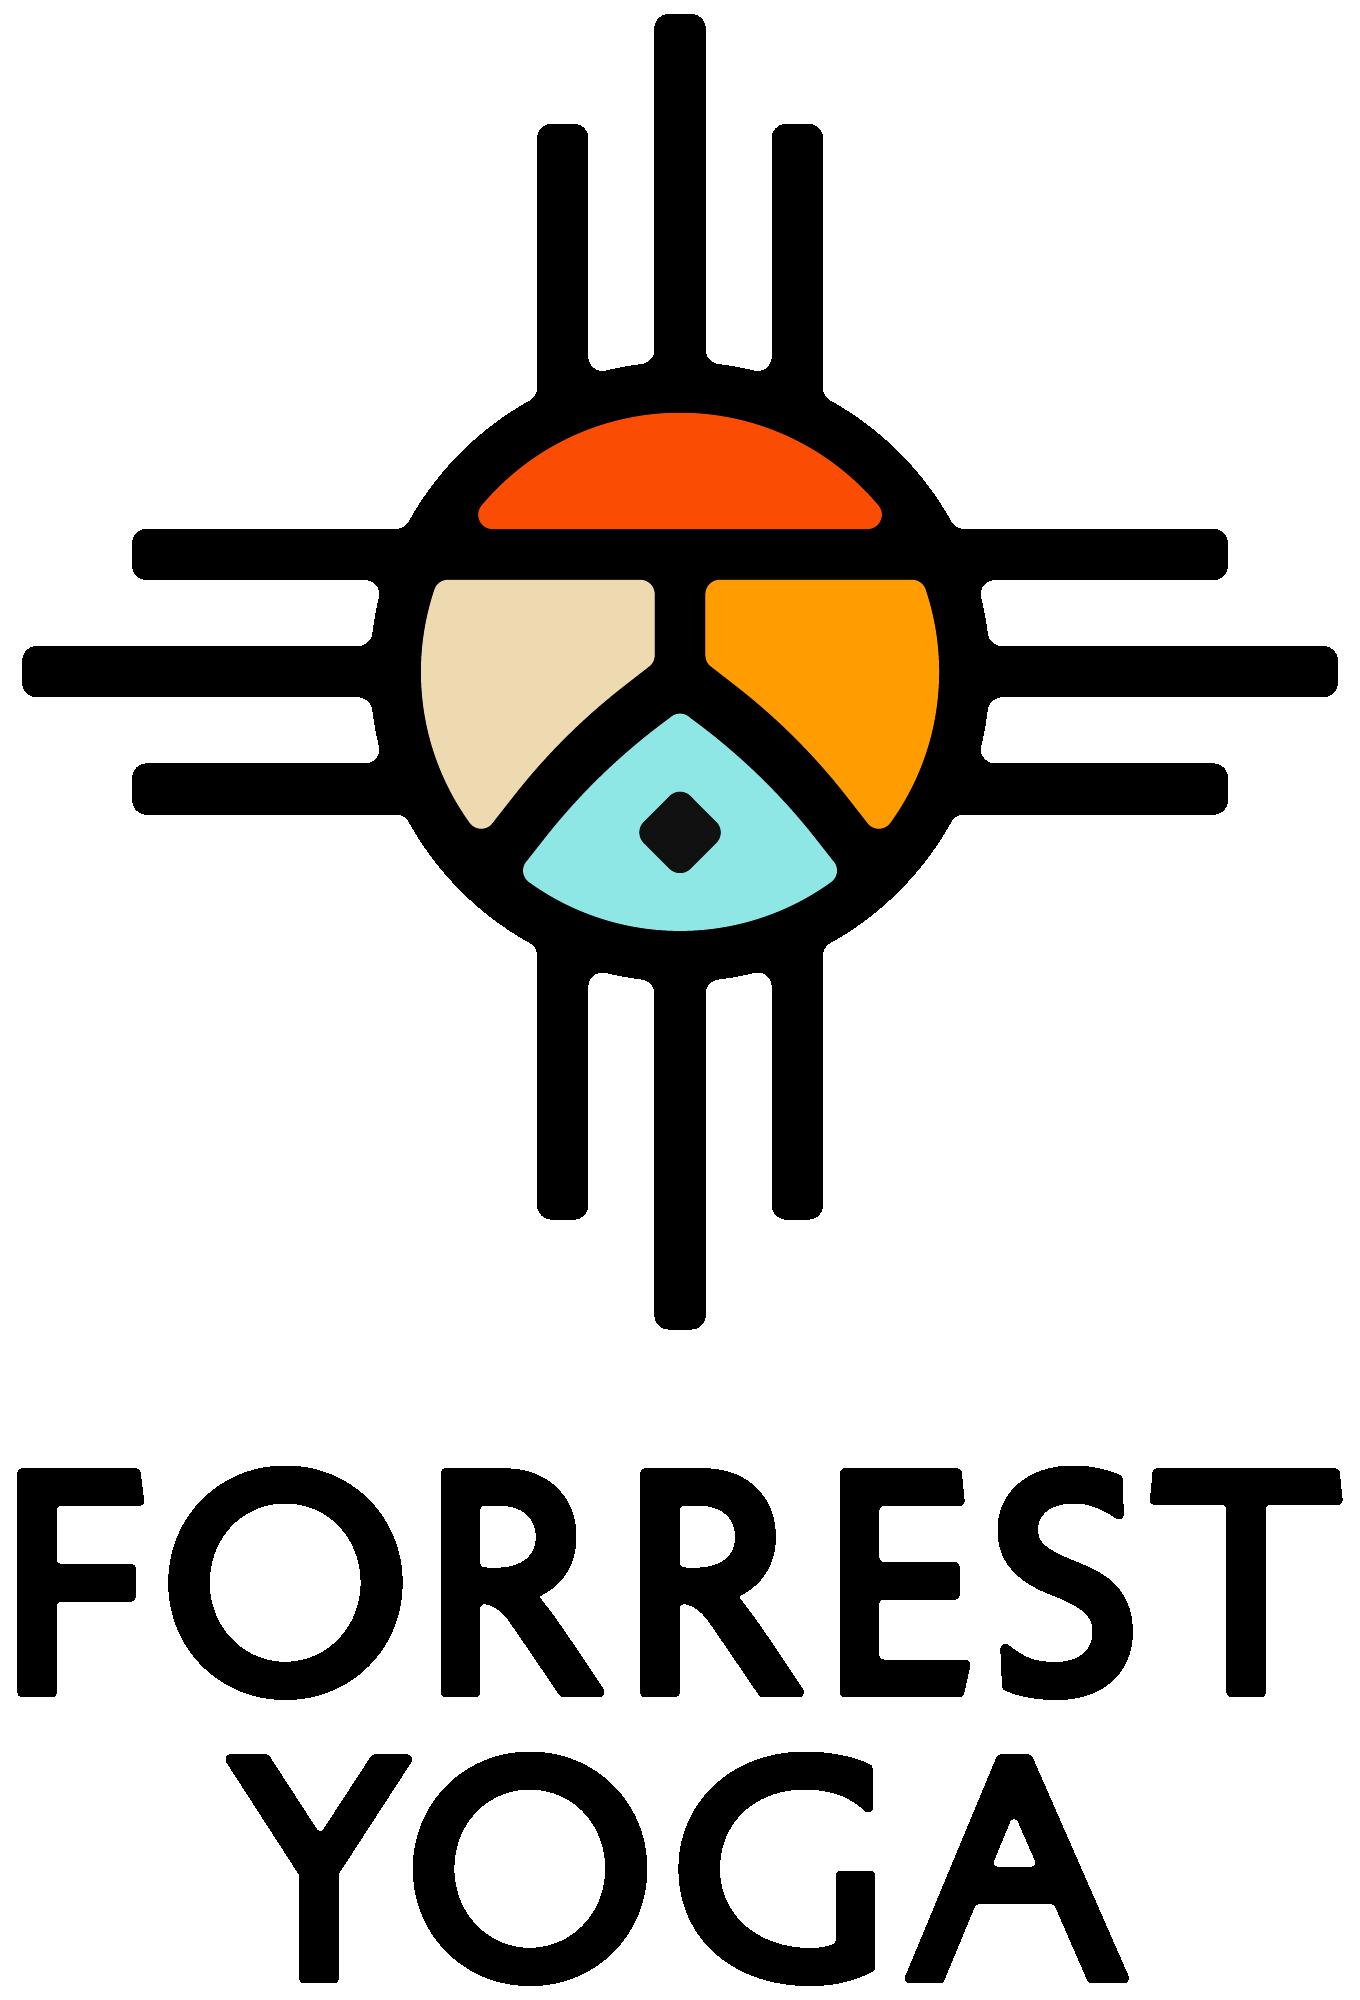 ForrestYoga_Logo_2019_sRGB_72Dpi_180x265px_Color_v01A.png